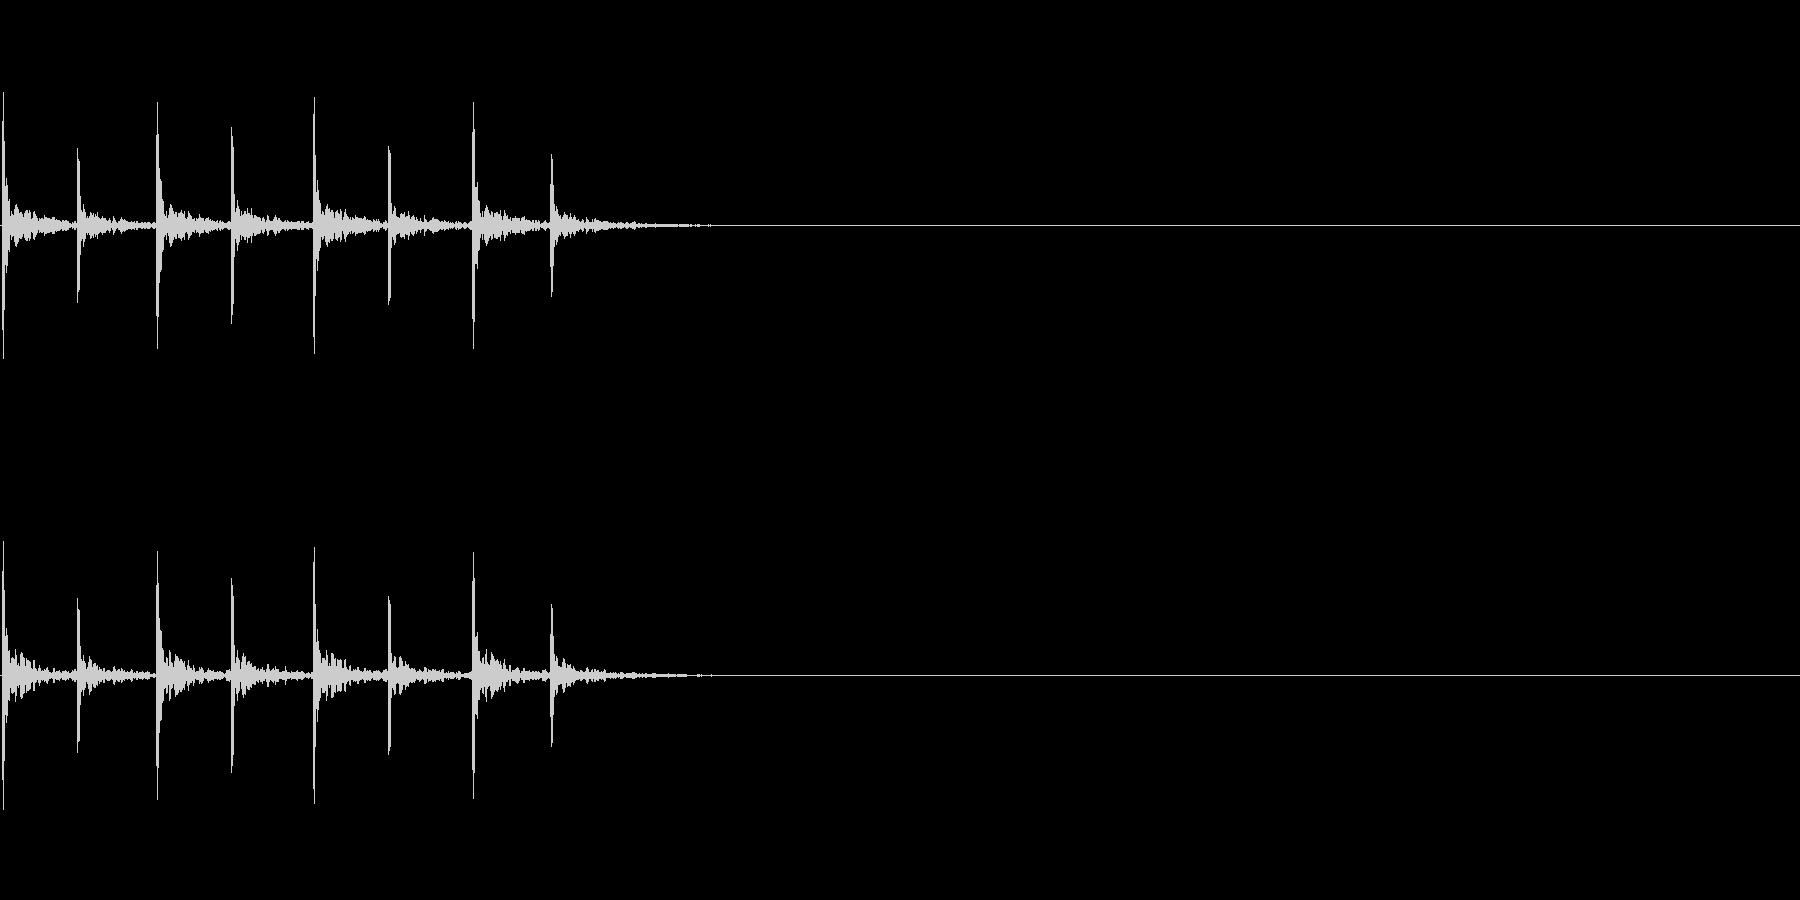 チクタク/カウントダウン/木を叩く音の未再生の波形